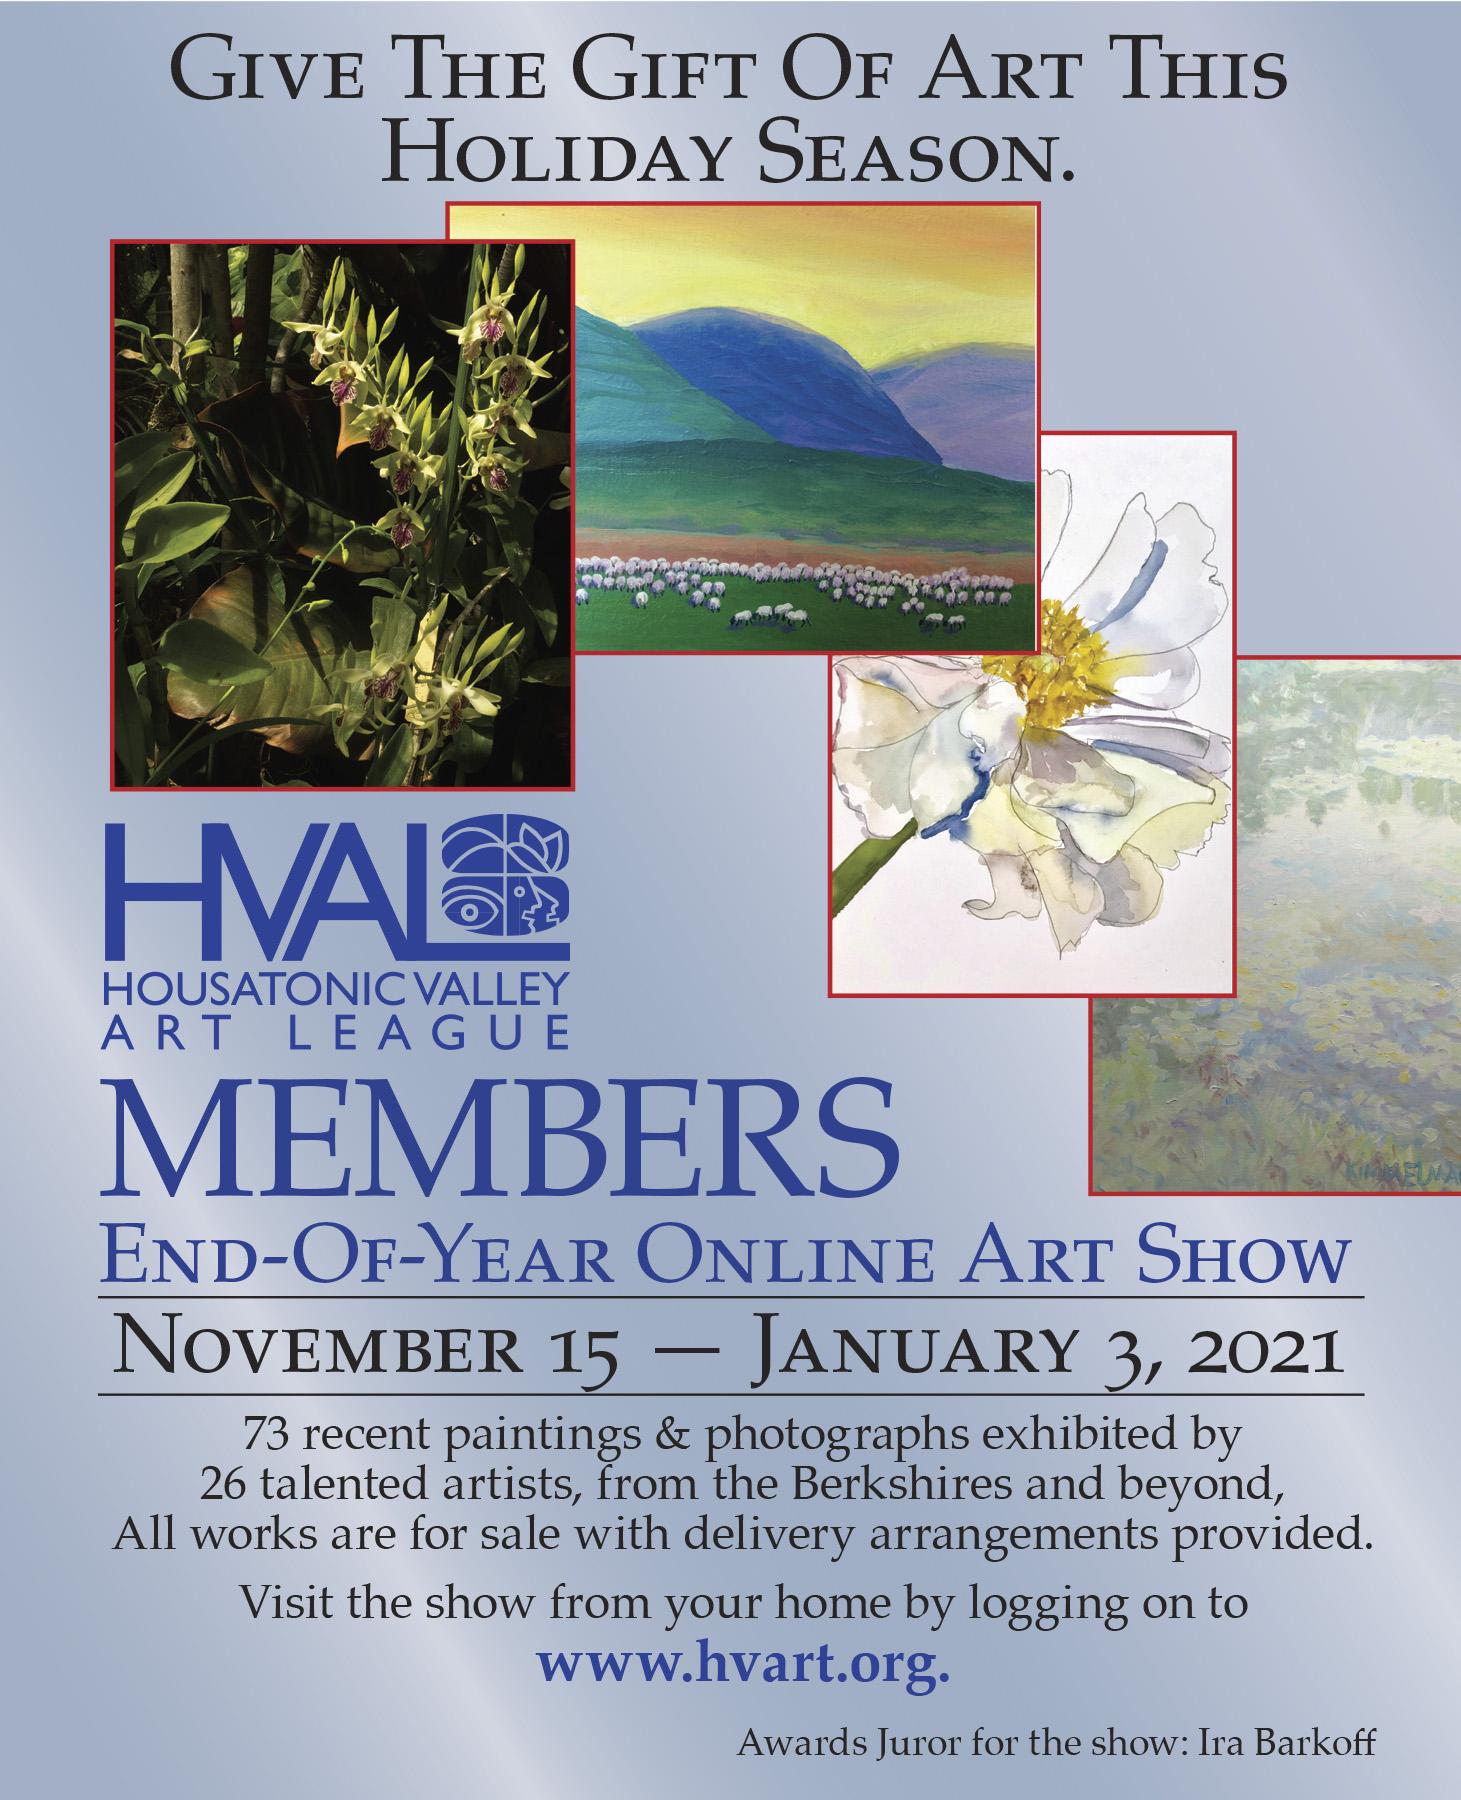 HVAL Members End-of-Year Online Art Exhibit